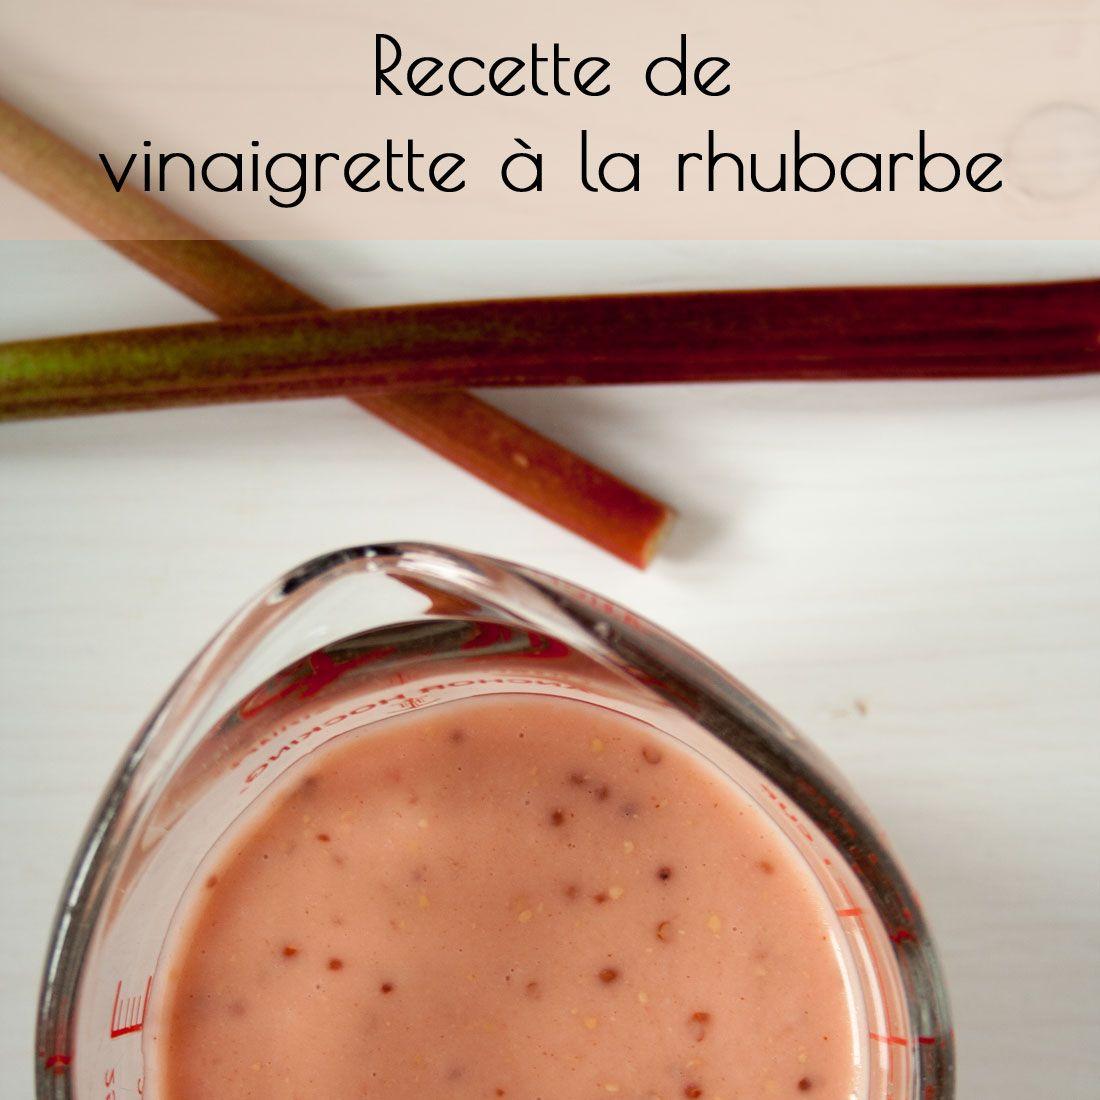 recette de vinaigrette à la rhubarbe et de jus de rhubarbe